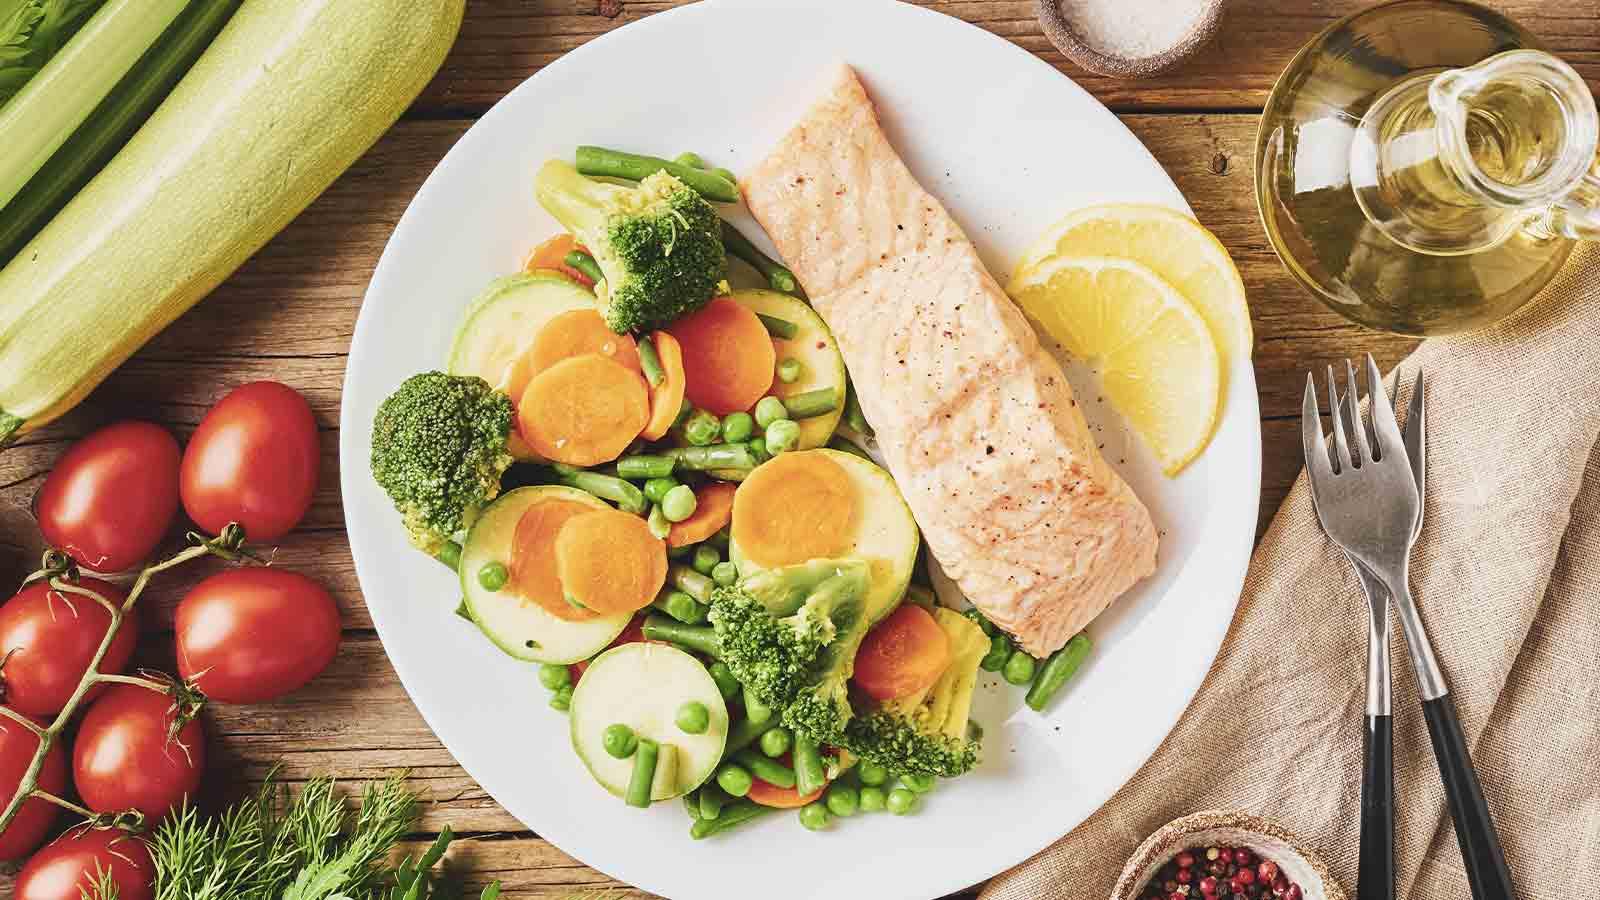 perte de poids combien de repas par jour